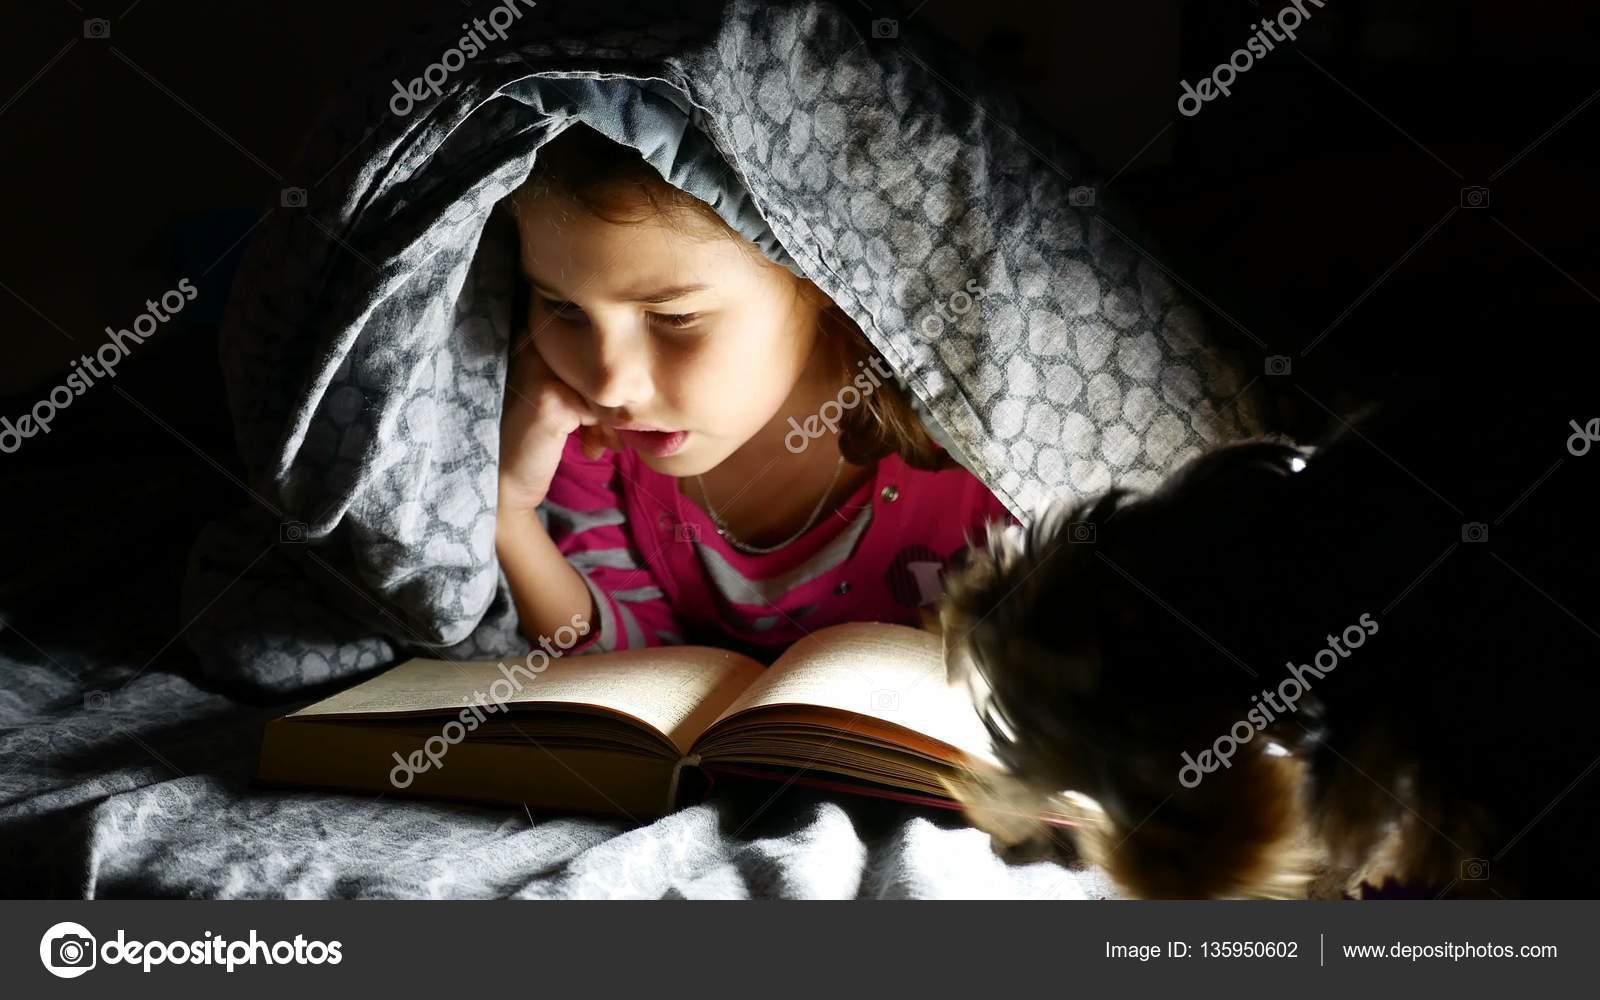 Парень снял, как его любовница ночью под одеялом делает минет